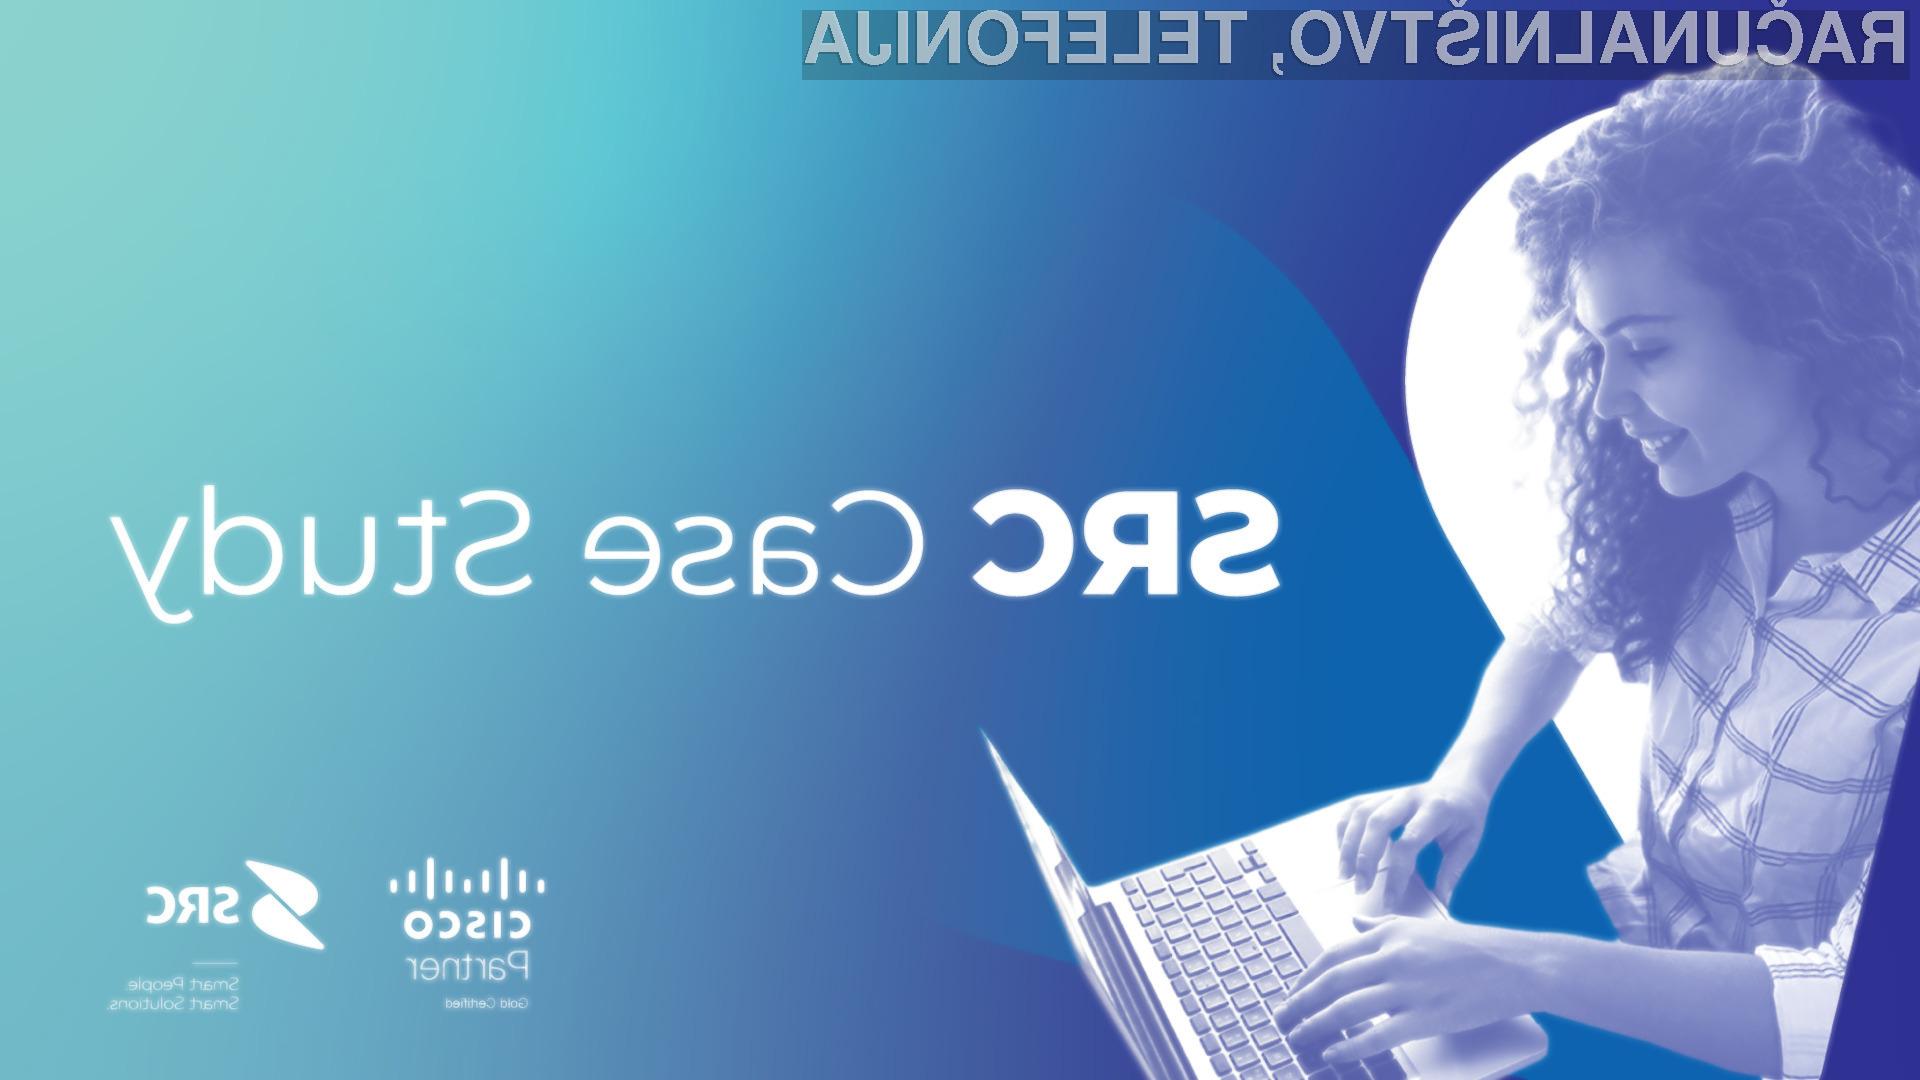 SRC je vodilno slovensko podjetje za implementacijo omrežij.